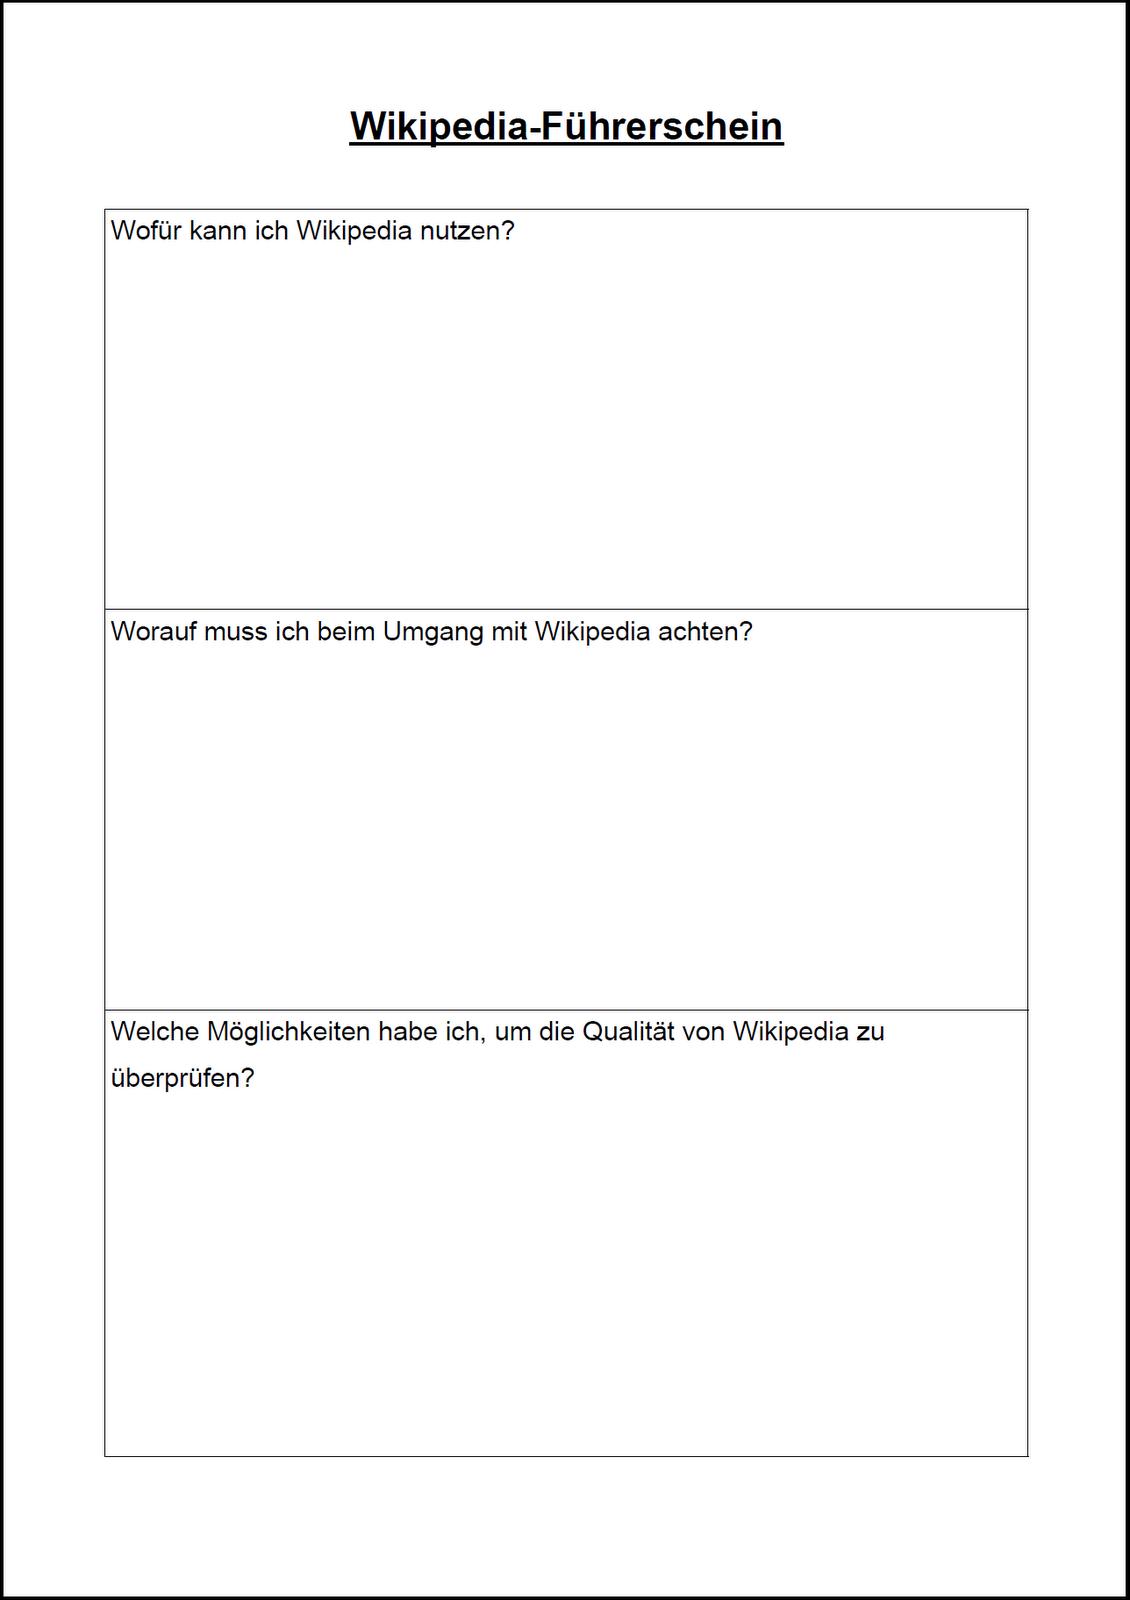 Web 2.0 - Medienkompetenz - (politische) Bildung: Oktober 2012